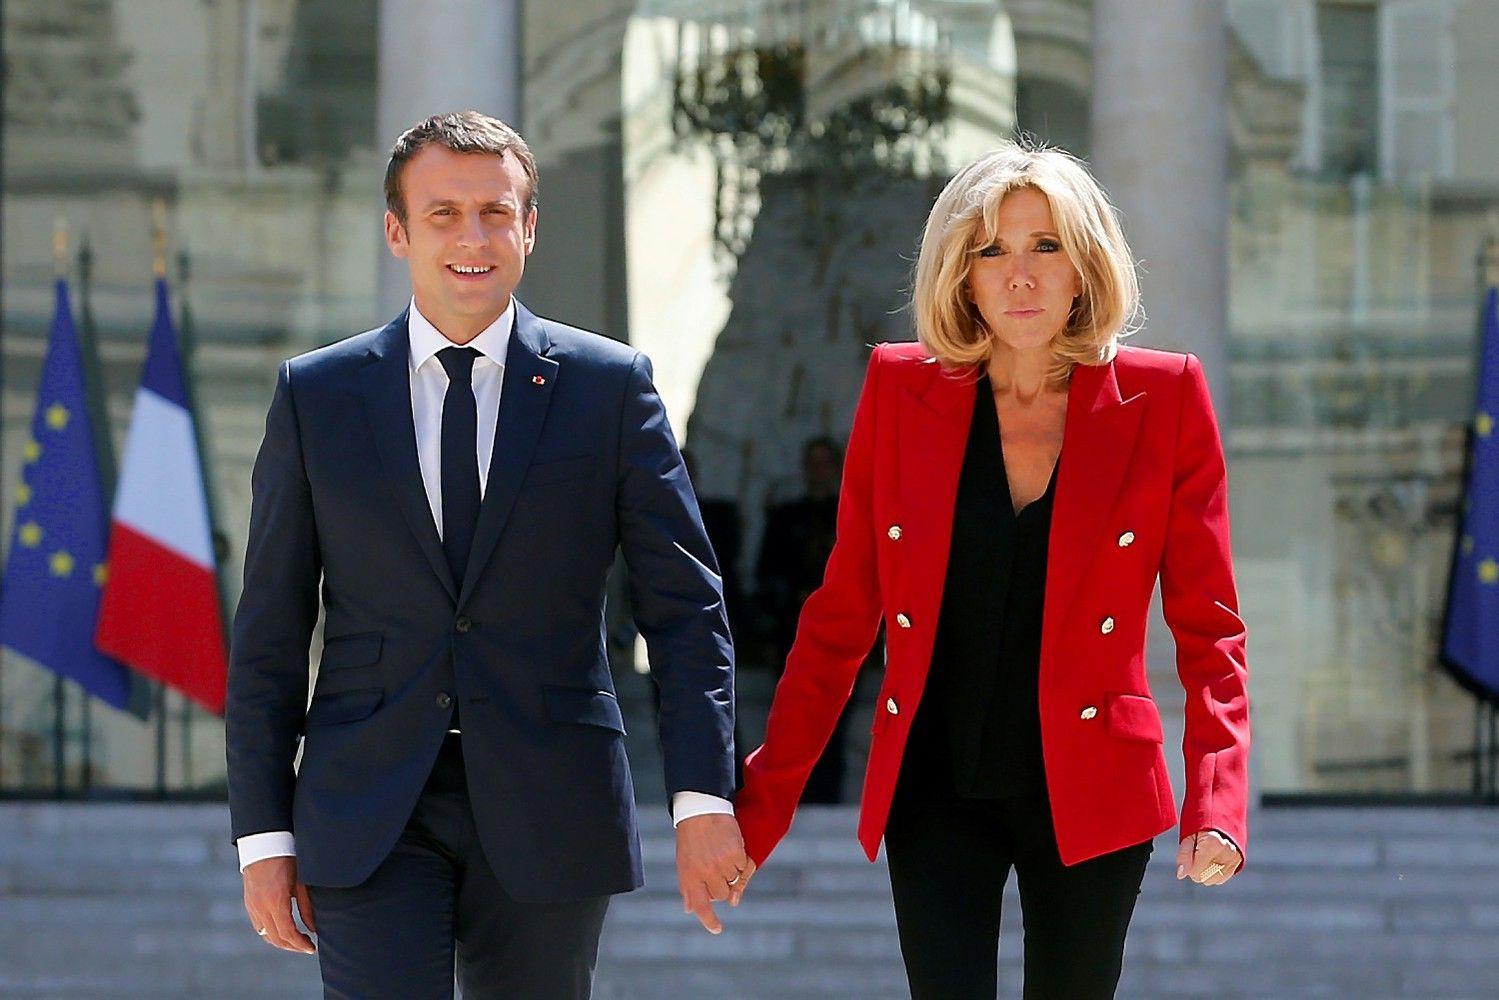 Macronas pradeda turnė ES rytuose, sieks pažaboti pigią darbo jėgą